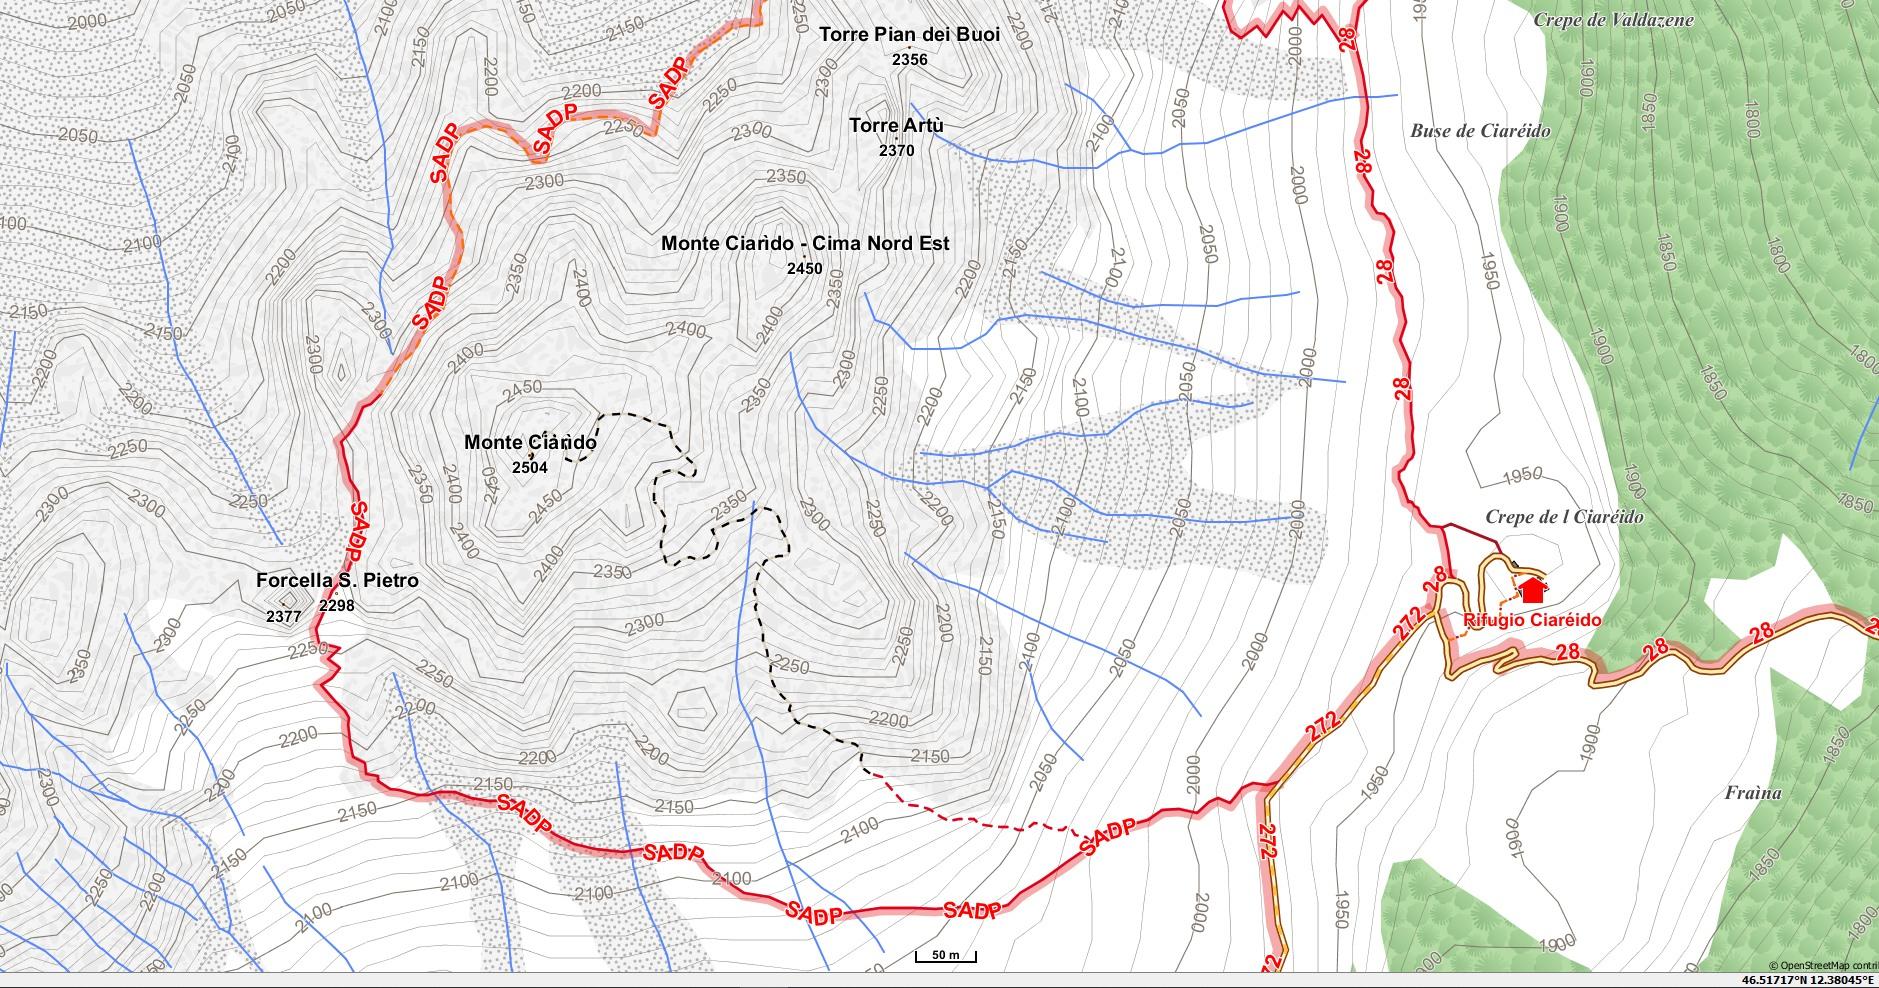 Mappa del M. Ciarìdo (Ciareido) con le curve di livello a 10 m (tratta dalla mappa Alp-Ost scaricabile dal sito OpenAndroMaps)